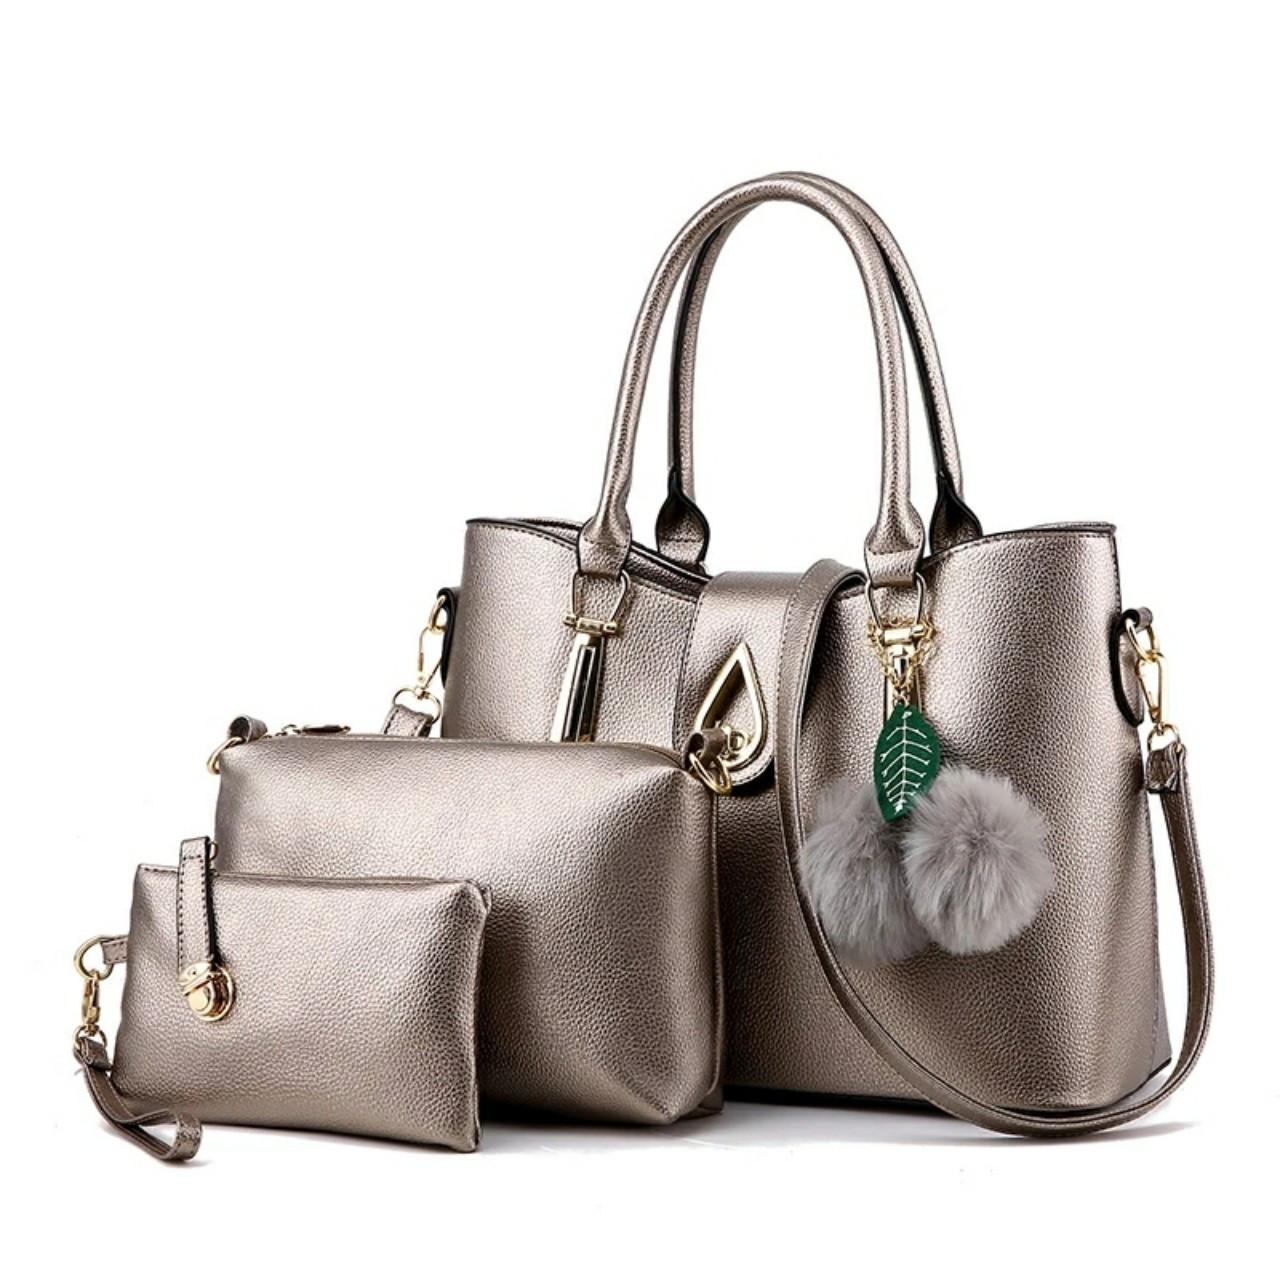 597b06820d2b Набор сумок Beauty 3в1: сумка, клатч, косметичка: продажа, цена в ...